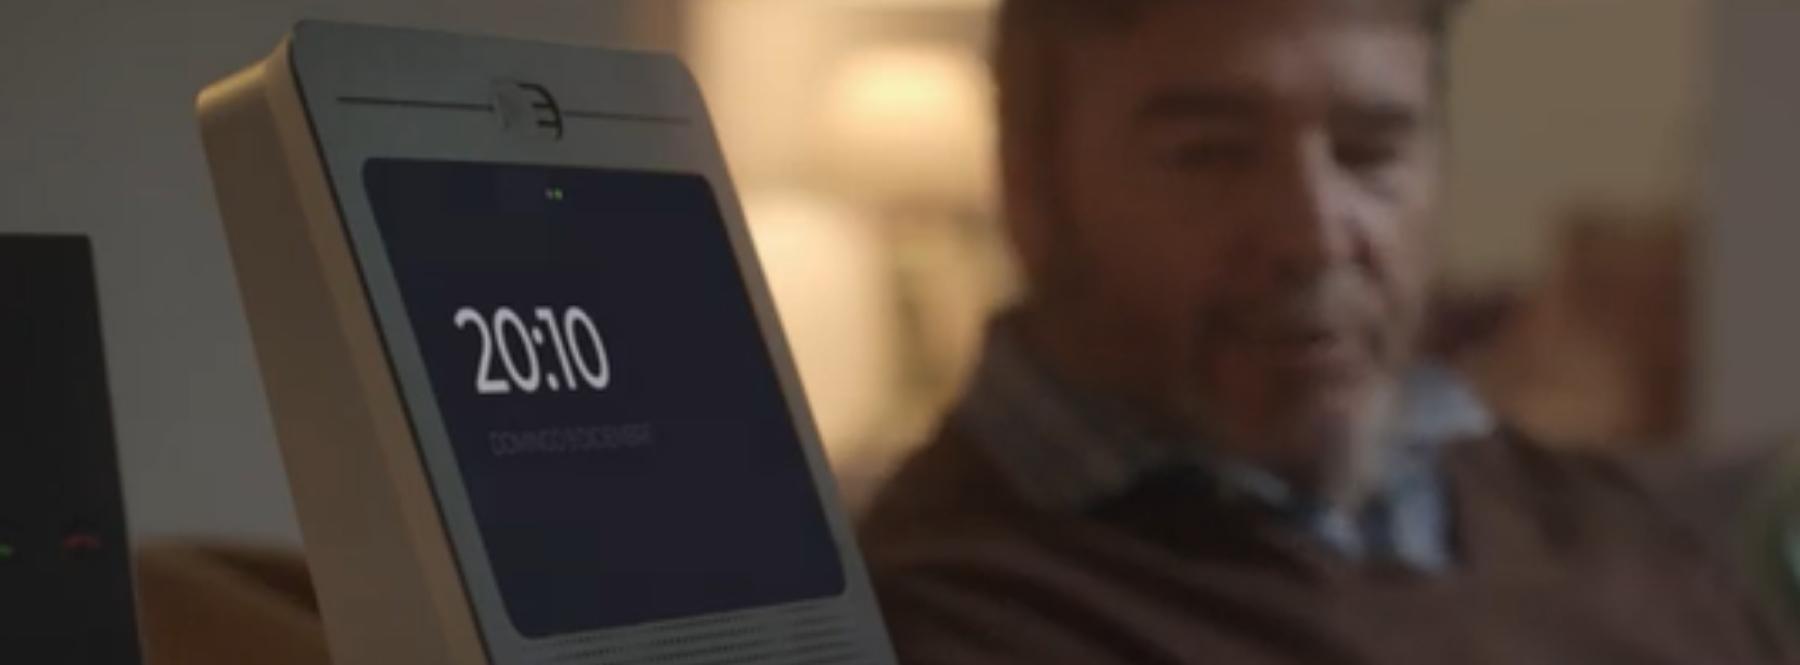 Próximamente, El Corte Inglés, Atlético de Madrid y Air Europa desarrollarán Movistar Living Apps